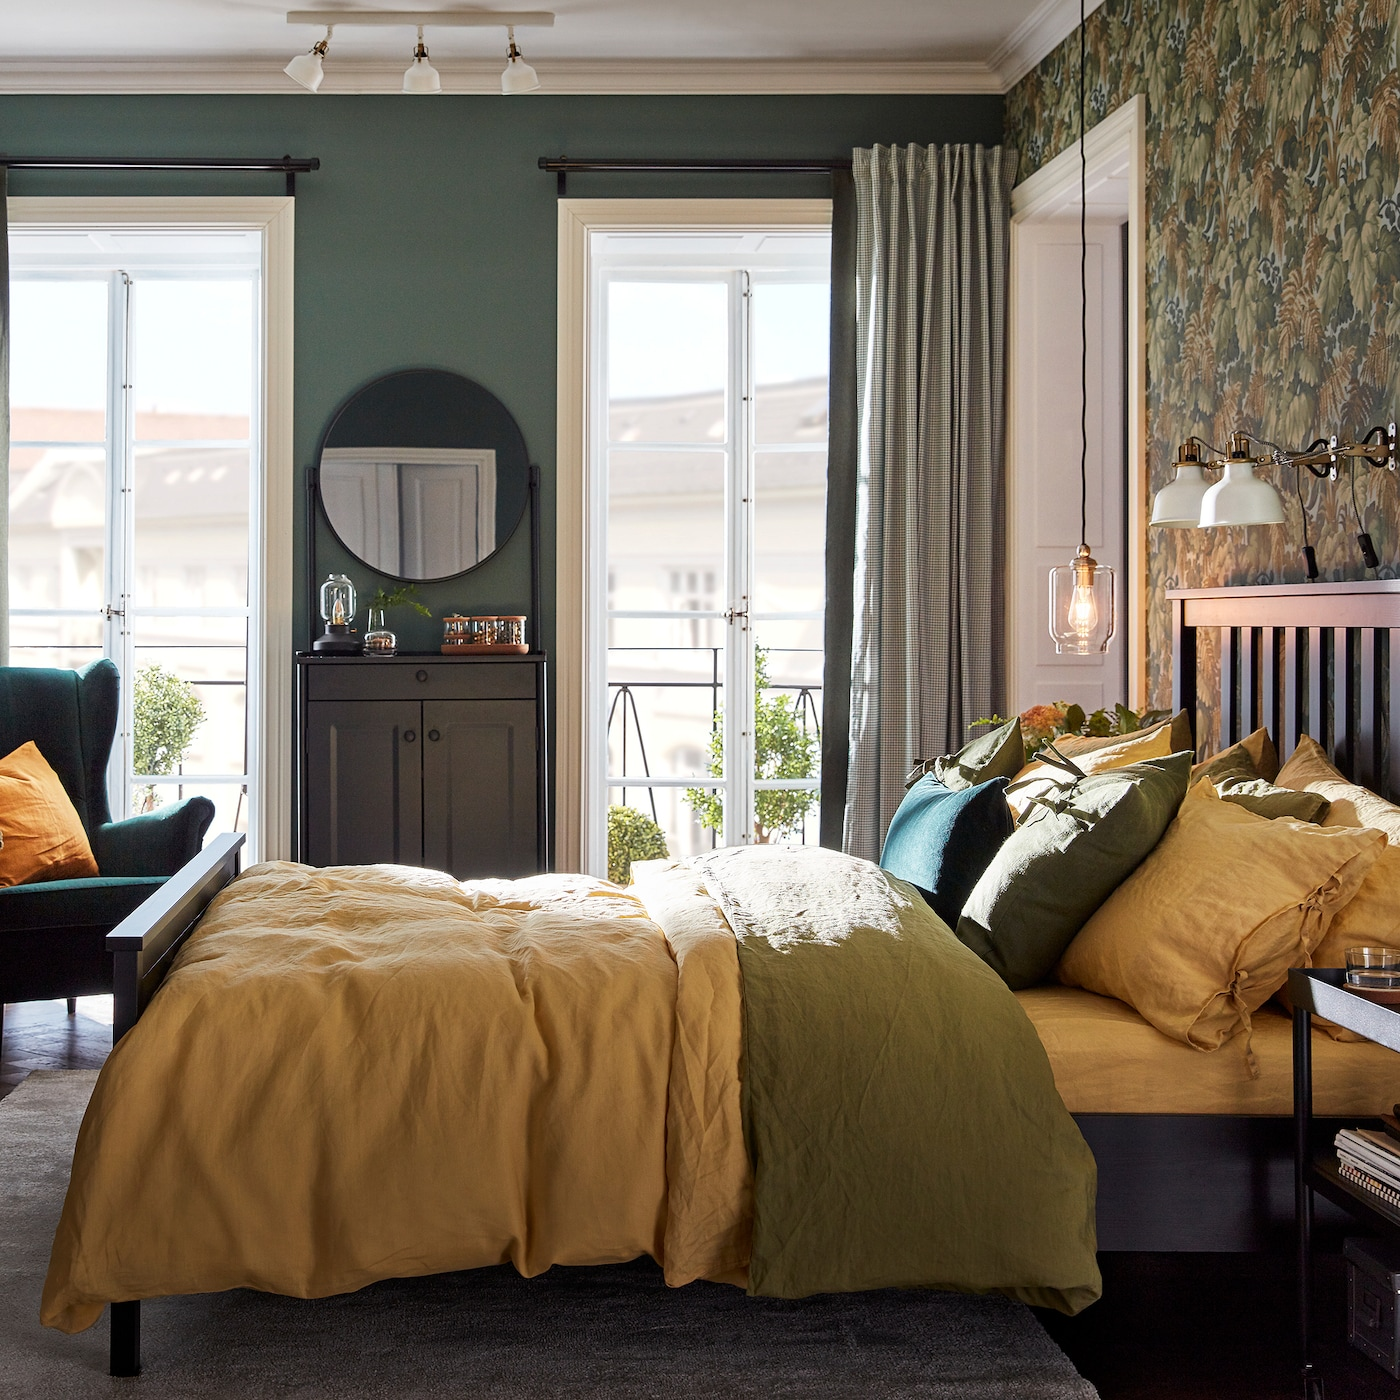 グリーンとイエローの掛け布団カバー&枕カバーでベッドメイキングされたベッド、ミラー付きキャビネット、グリーンのウイングチェアが置かれたベッドルーム。